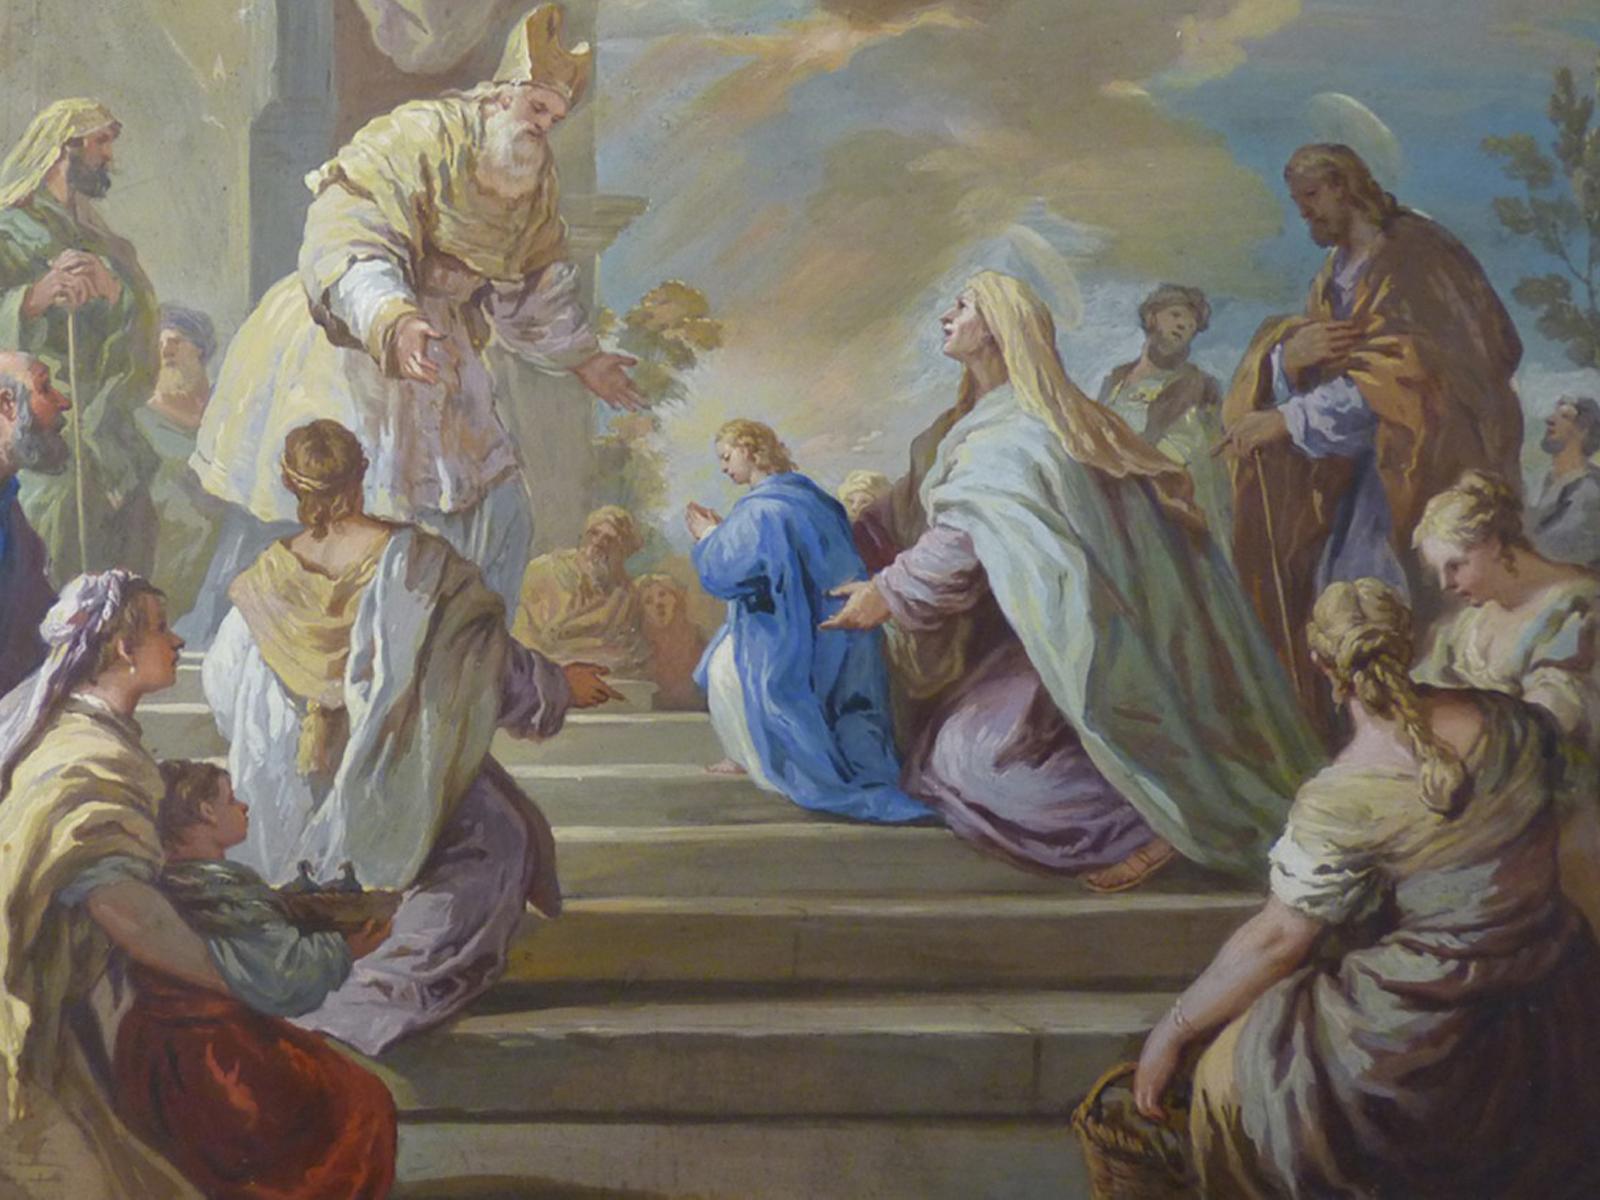 -A-Apresentação-da-Virgem-Maria-no-Templo-de-Jerusalém-